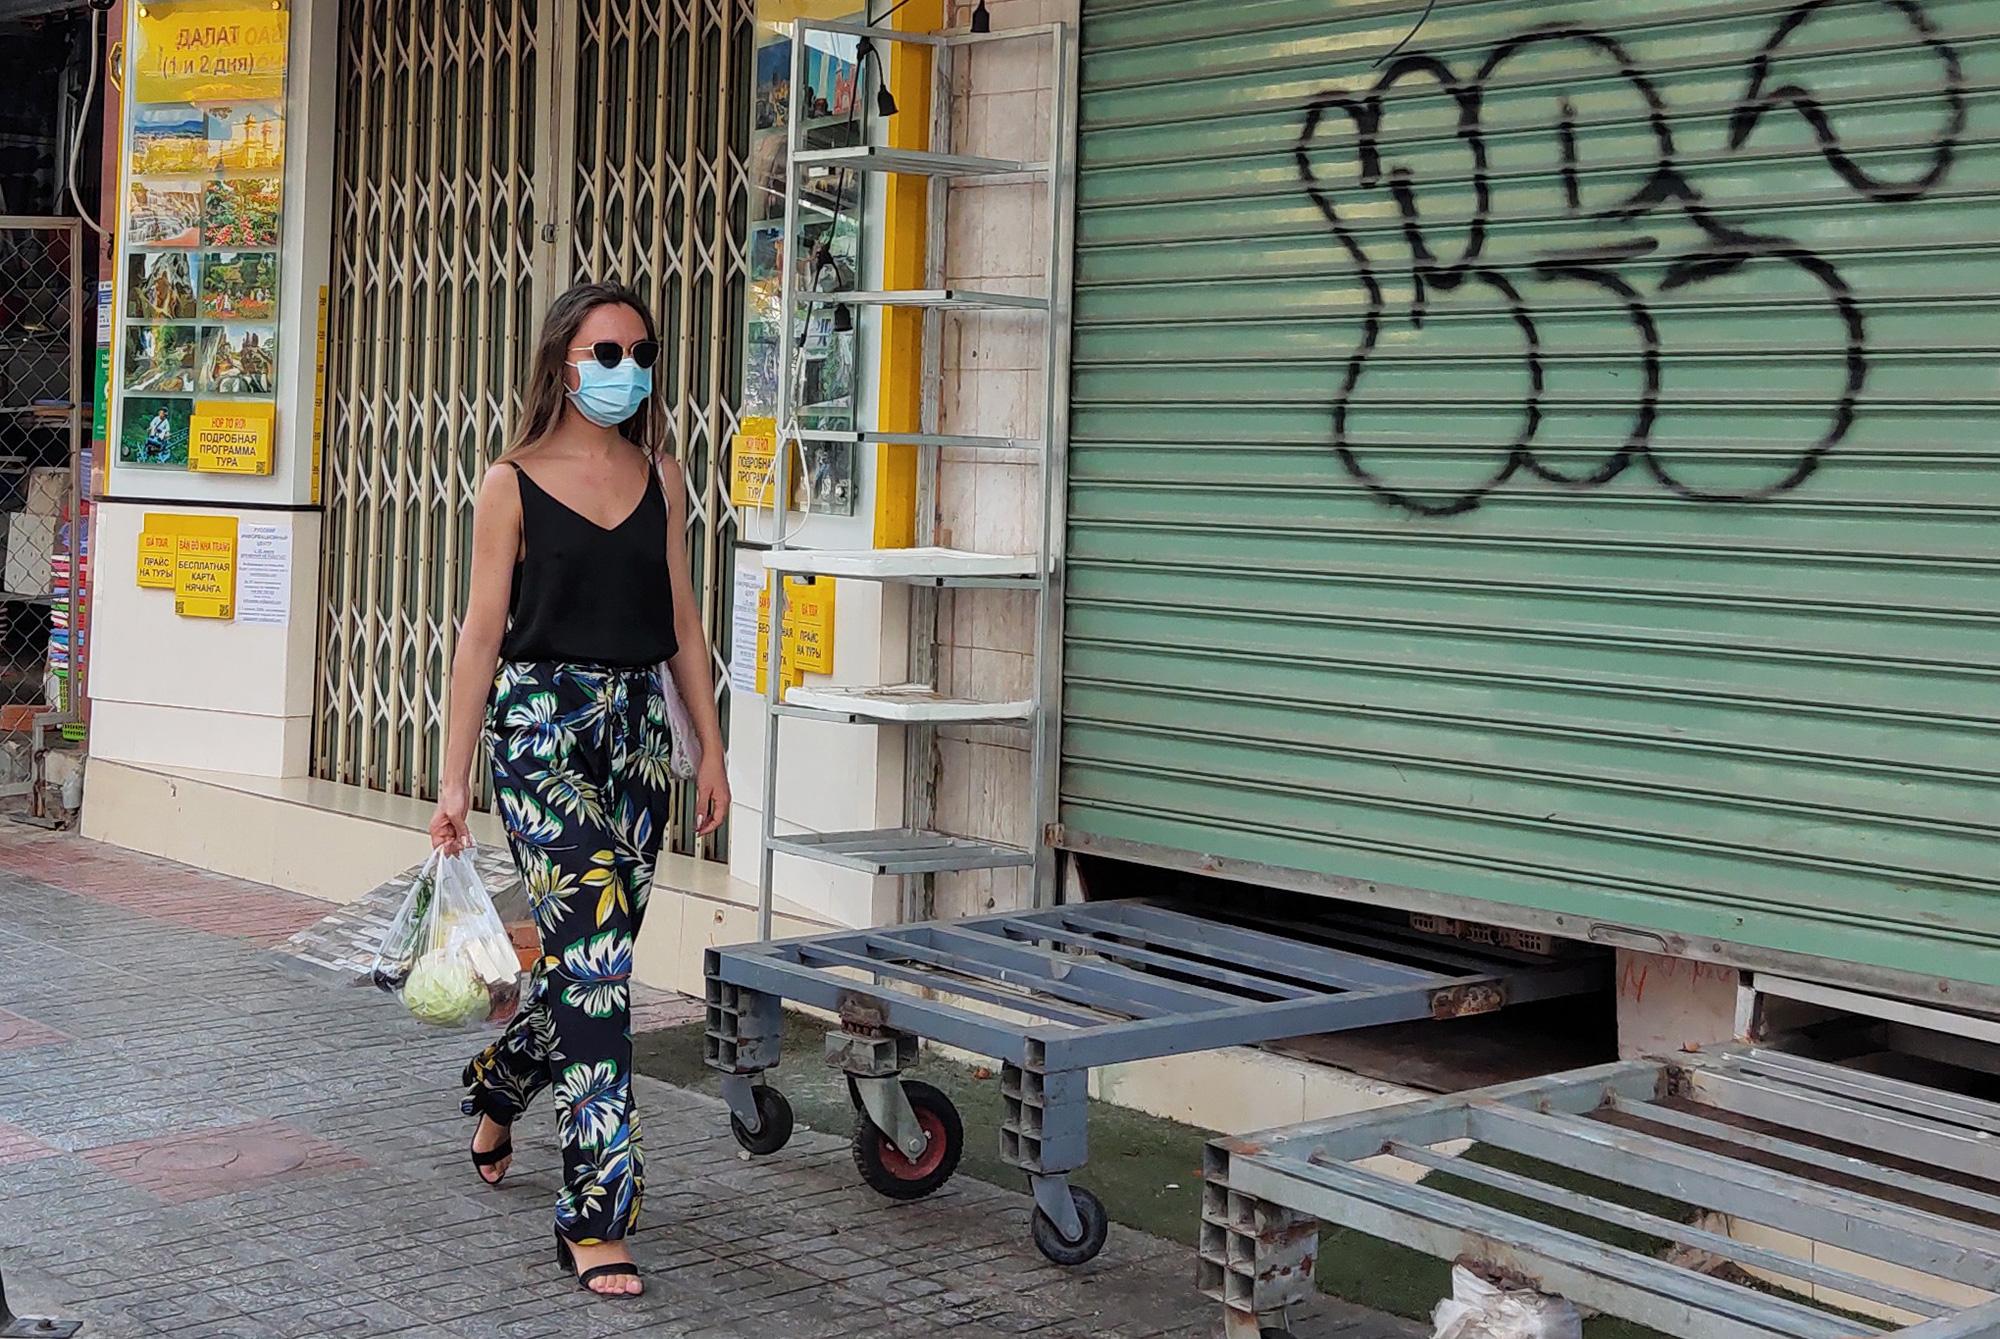 Du khách đeo khẩu trang tập luyện thể thao khi Nha Trang tạm ngừng tắm biển và đóng cửa các điểm vui chơi - Ảnh 10.